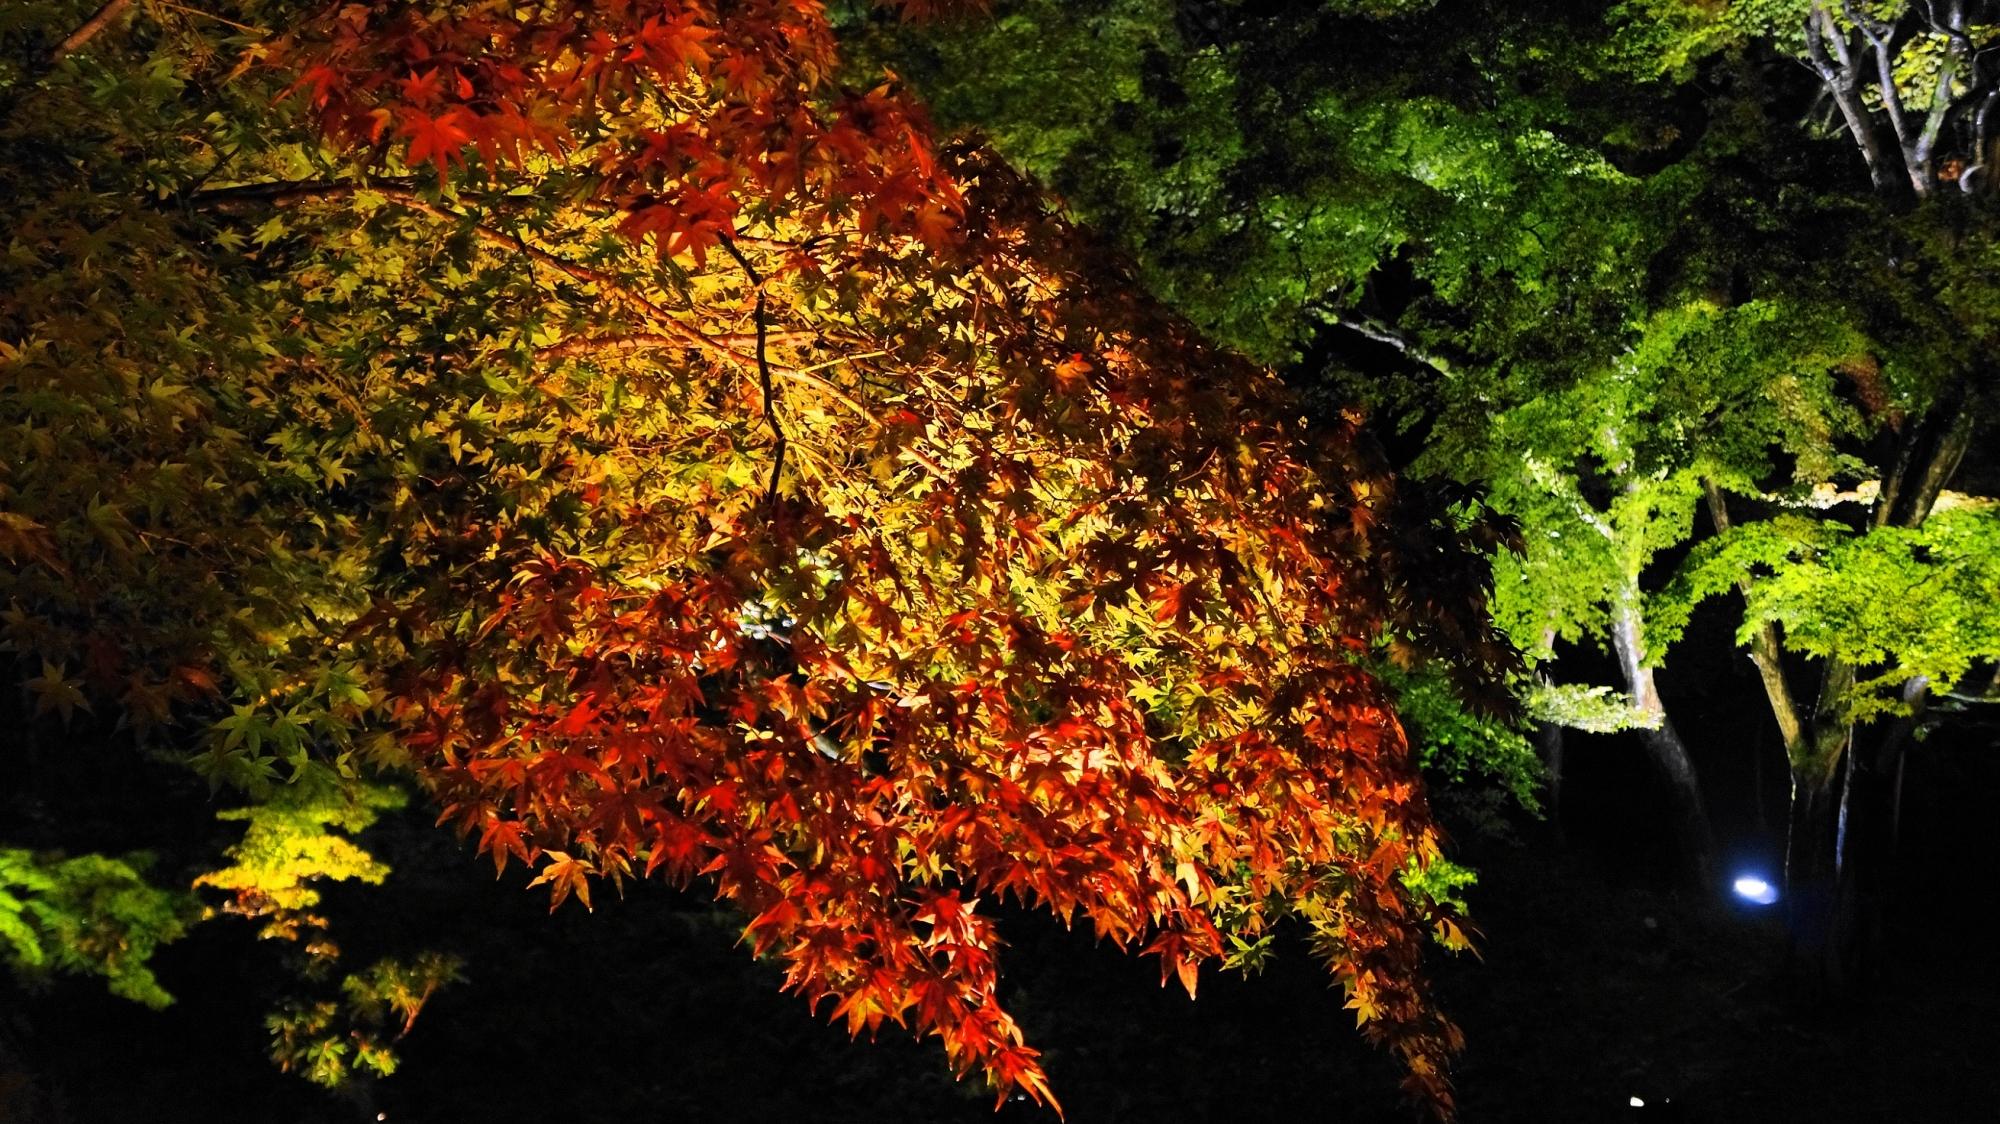 がりゅうち 紅葉 ライトアップ 高台寺 庭園